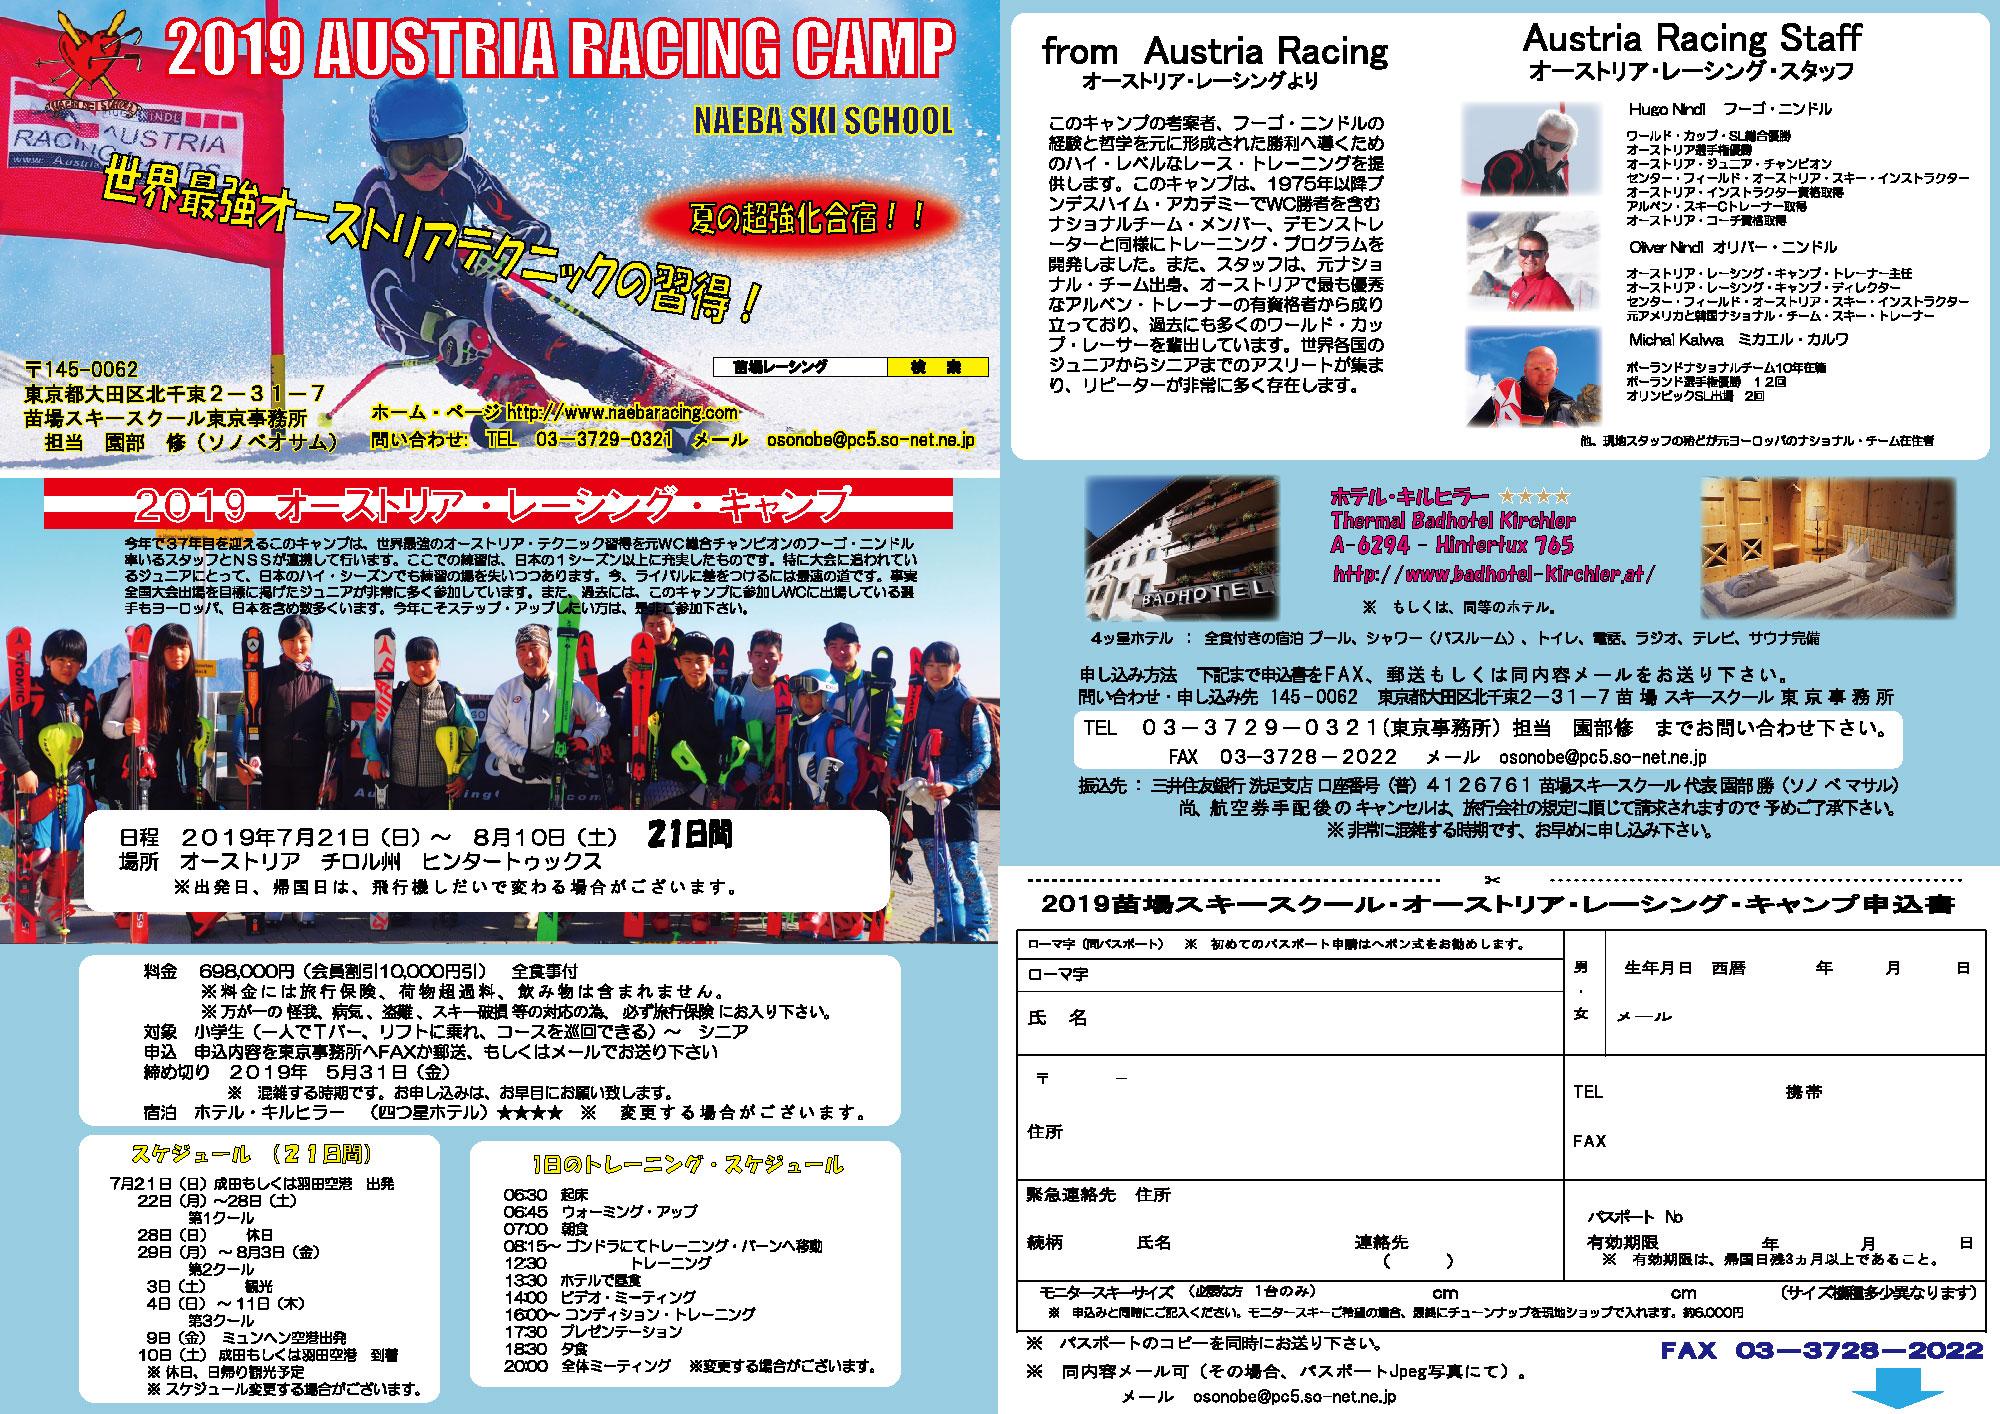 2018オーストリア・レーシング・キャンプ1